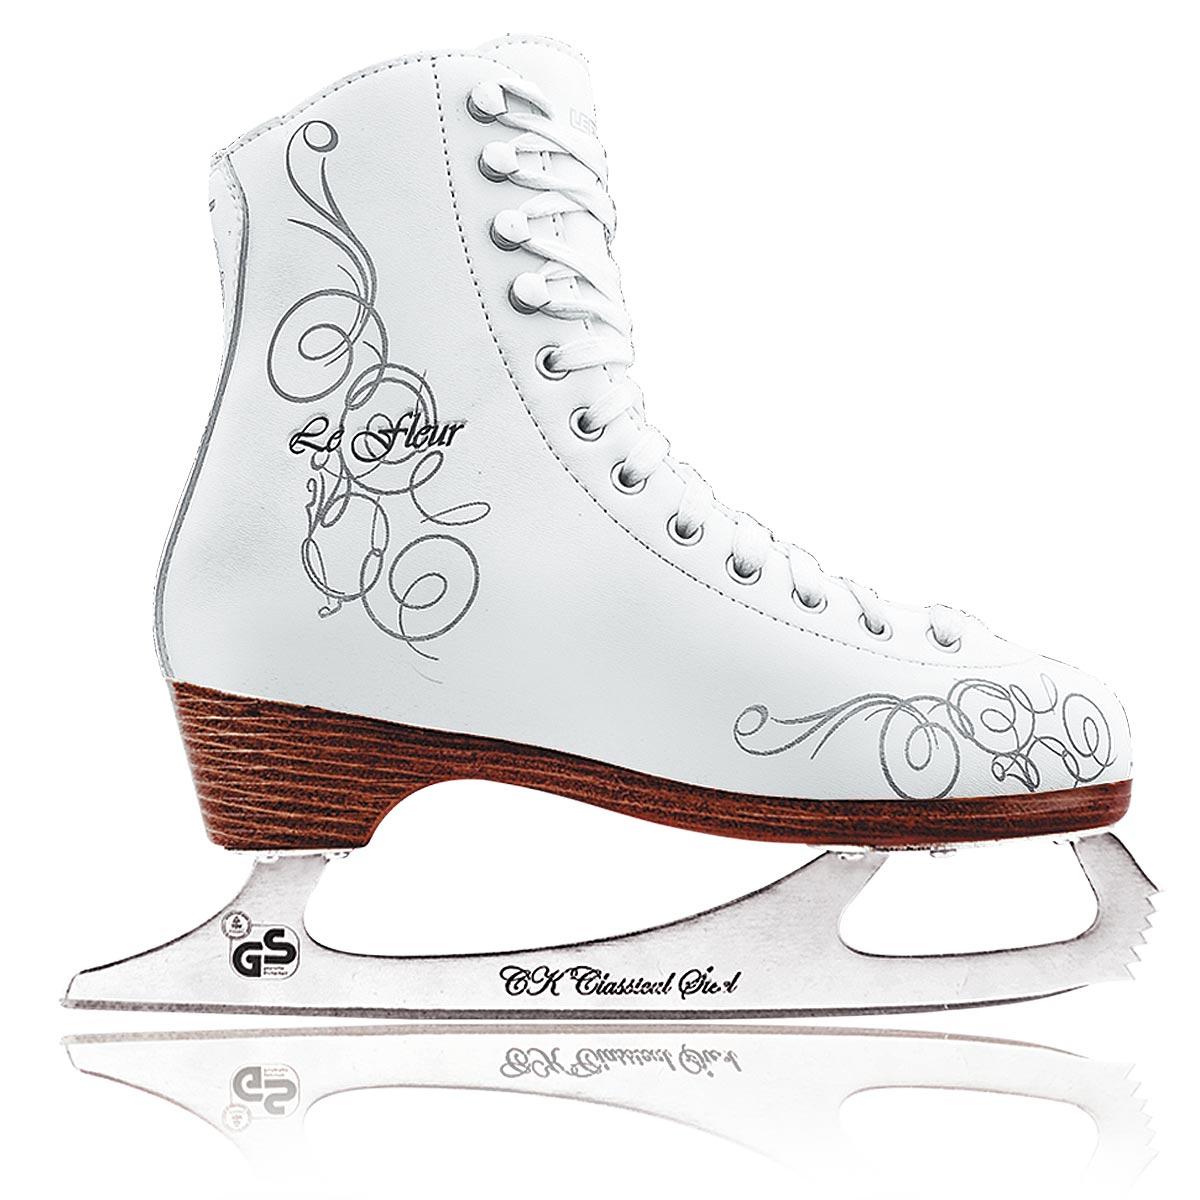 Коньки фигурные для девочки СК Le Fleur Fur, цвет: белый, серебряный. Размер 36